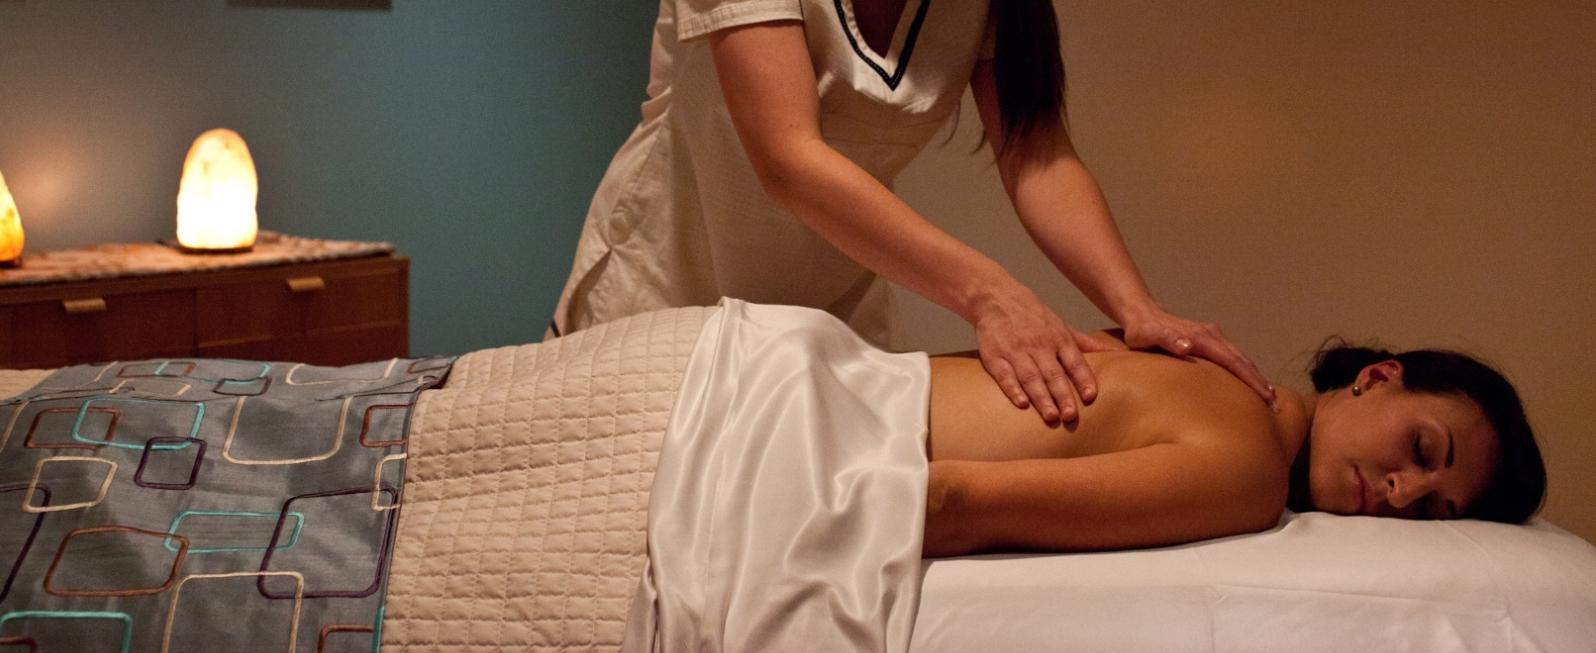 erotic massage spa i jönköping